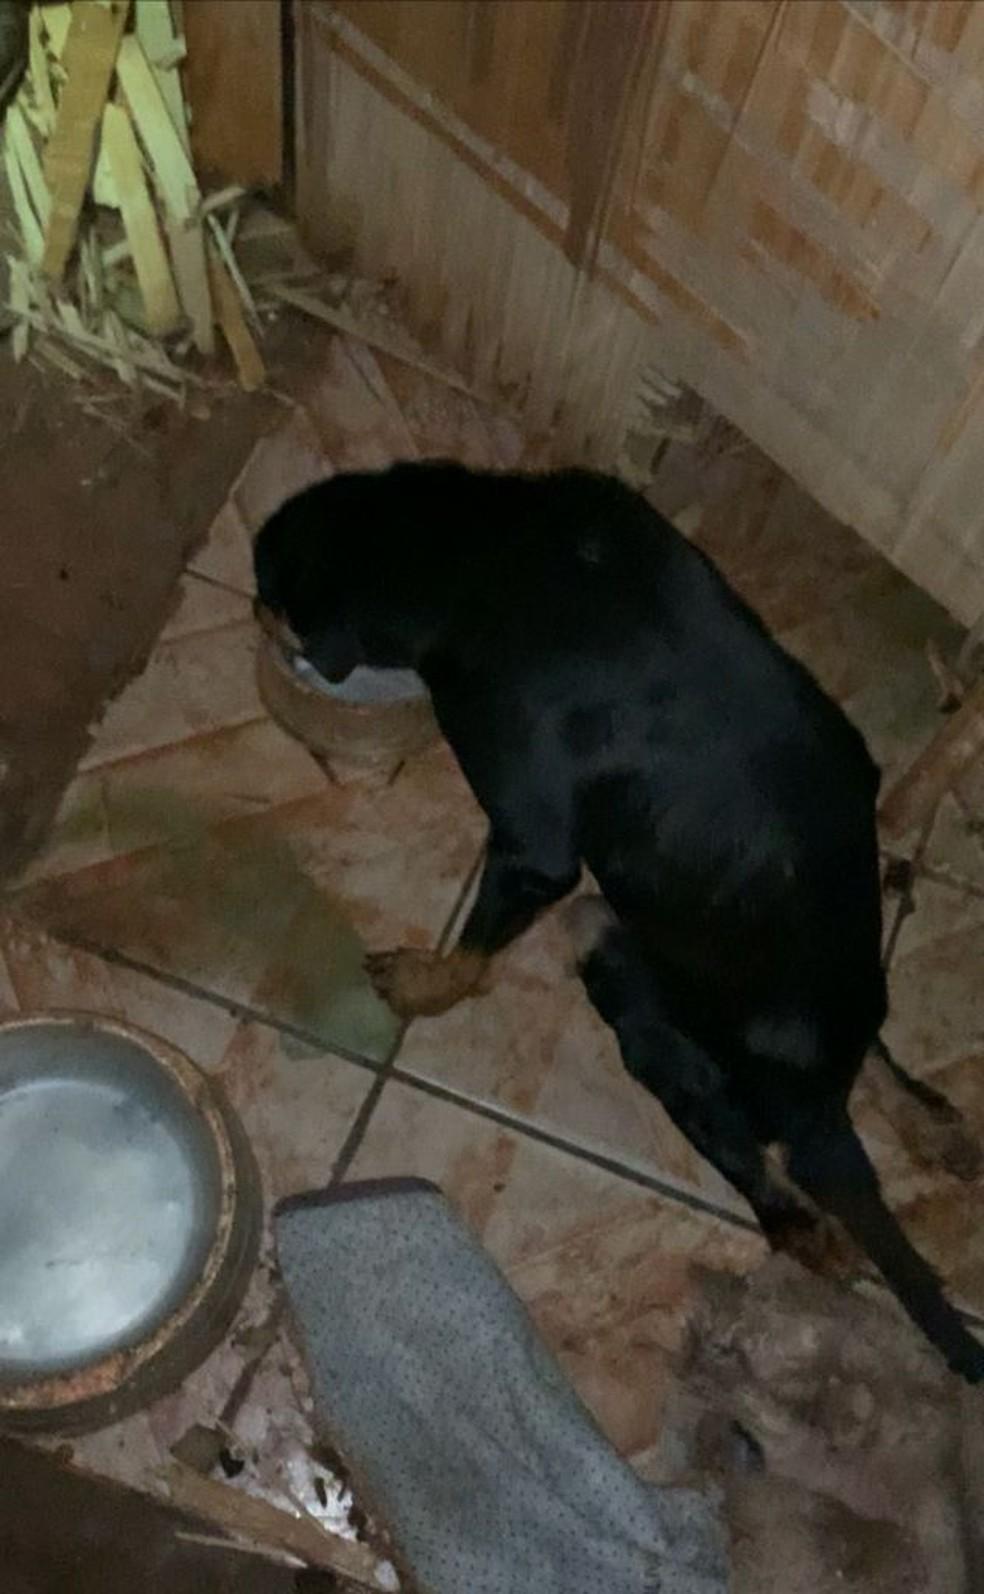 Homem é preso após deixar cadela deficiente presa em situação de abandono em MS — Foto: Polícia Militar Ambiental/Divulgação